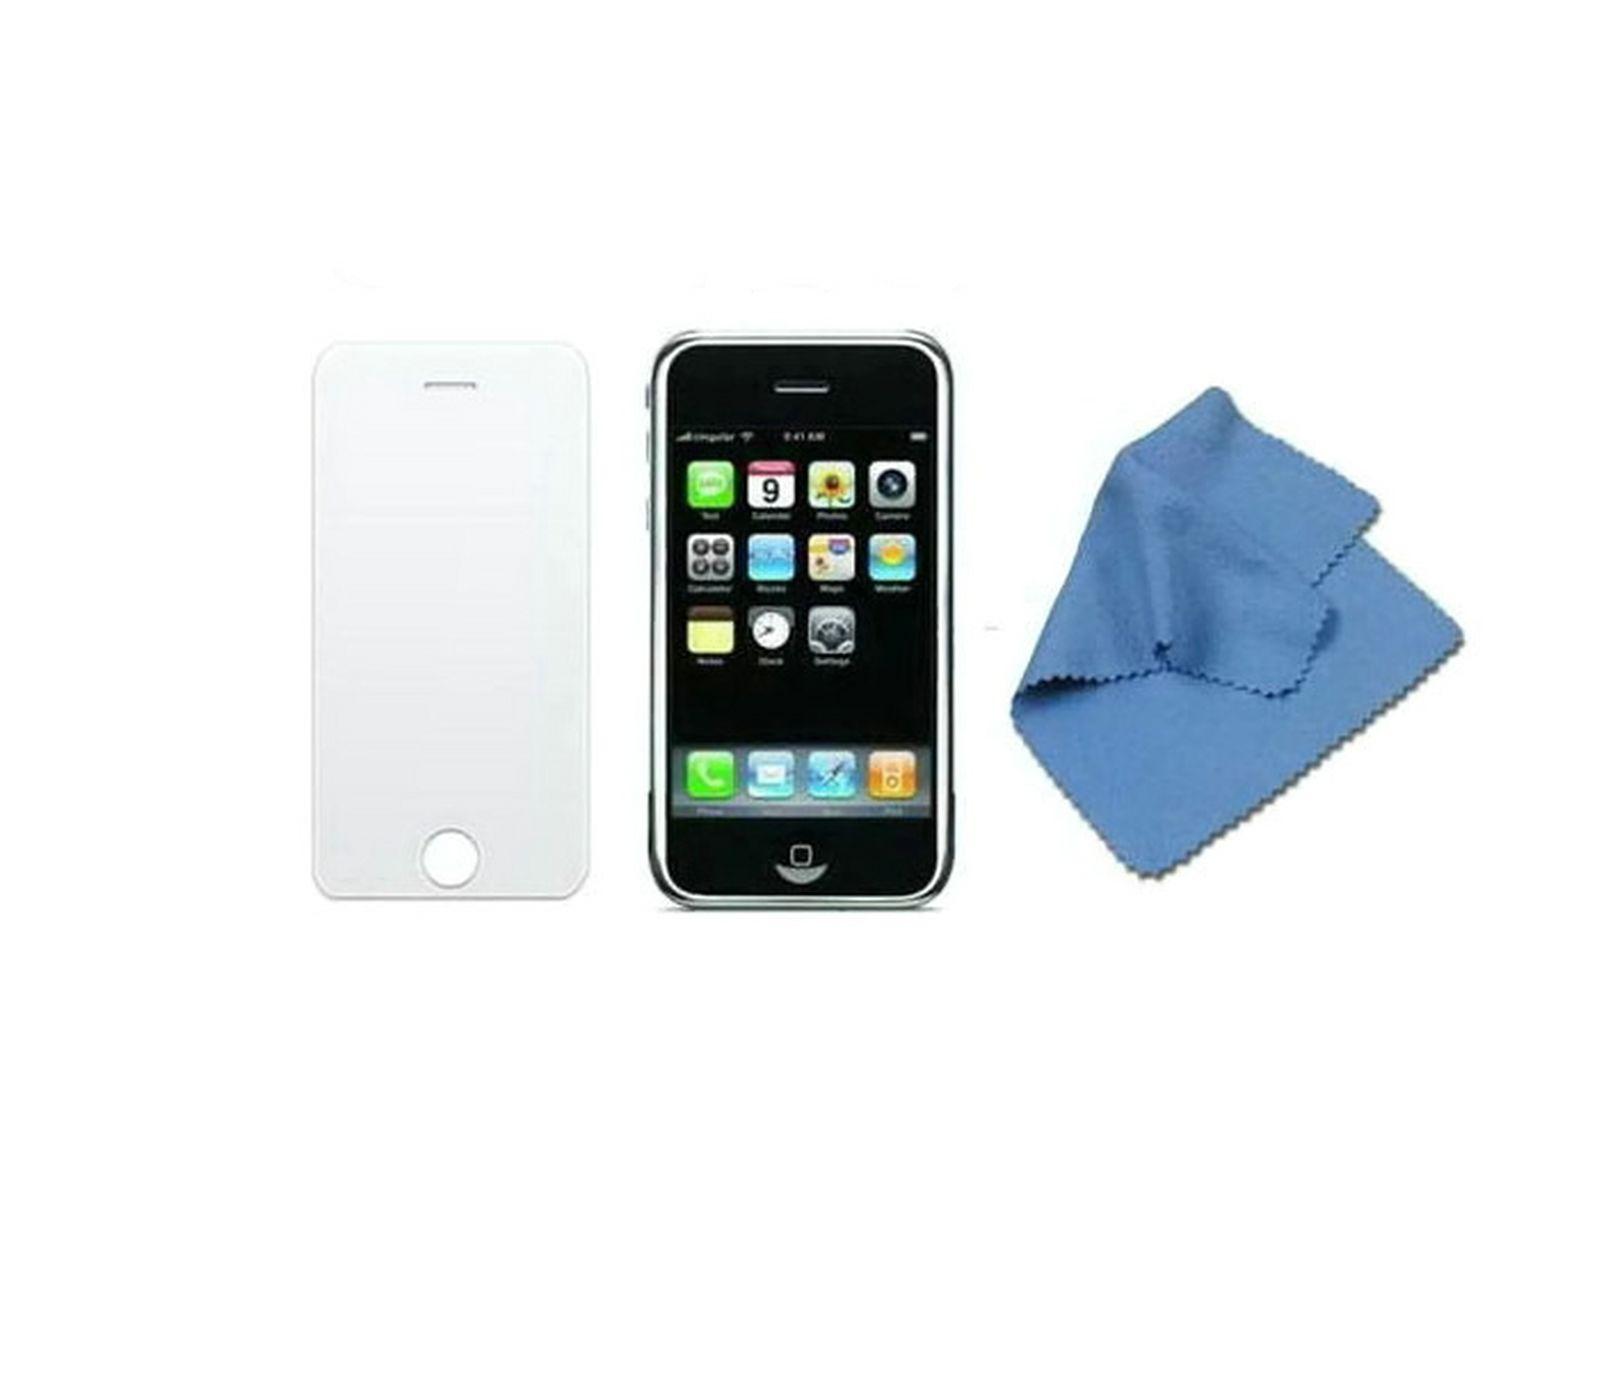 Fólia iPhone LCD Touch Polykarbonát Ochranné